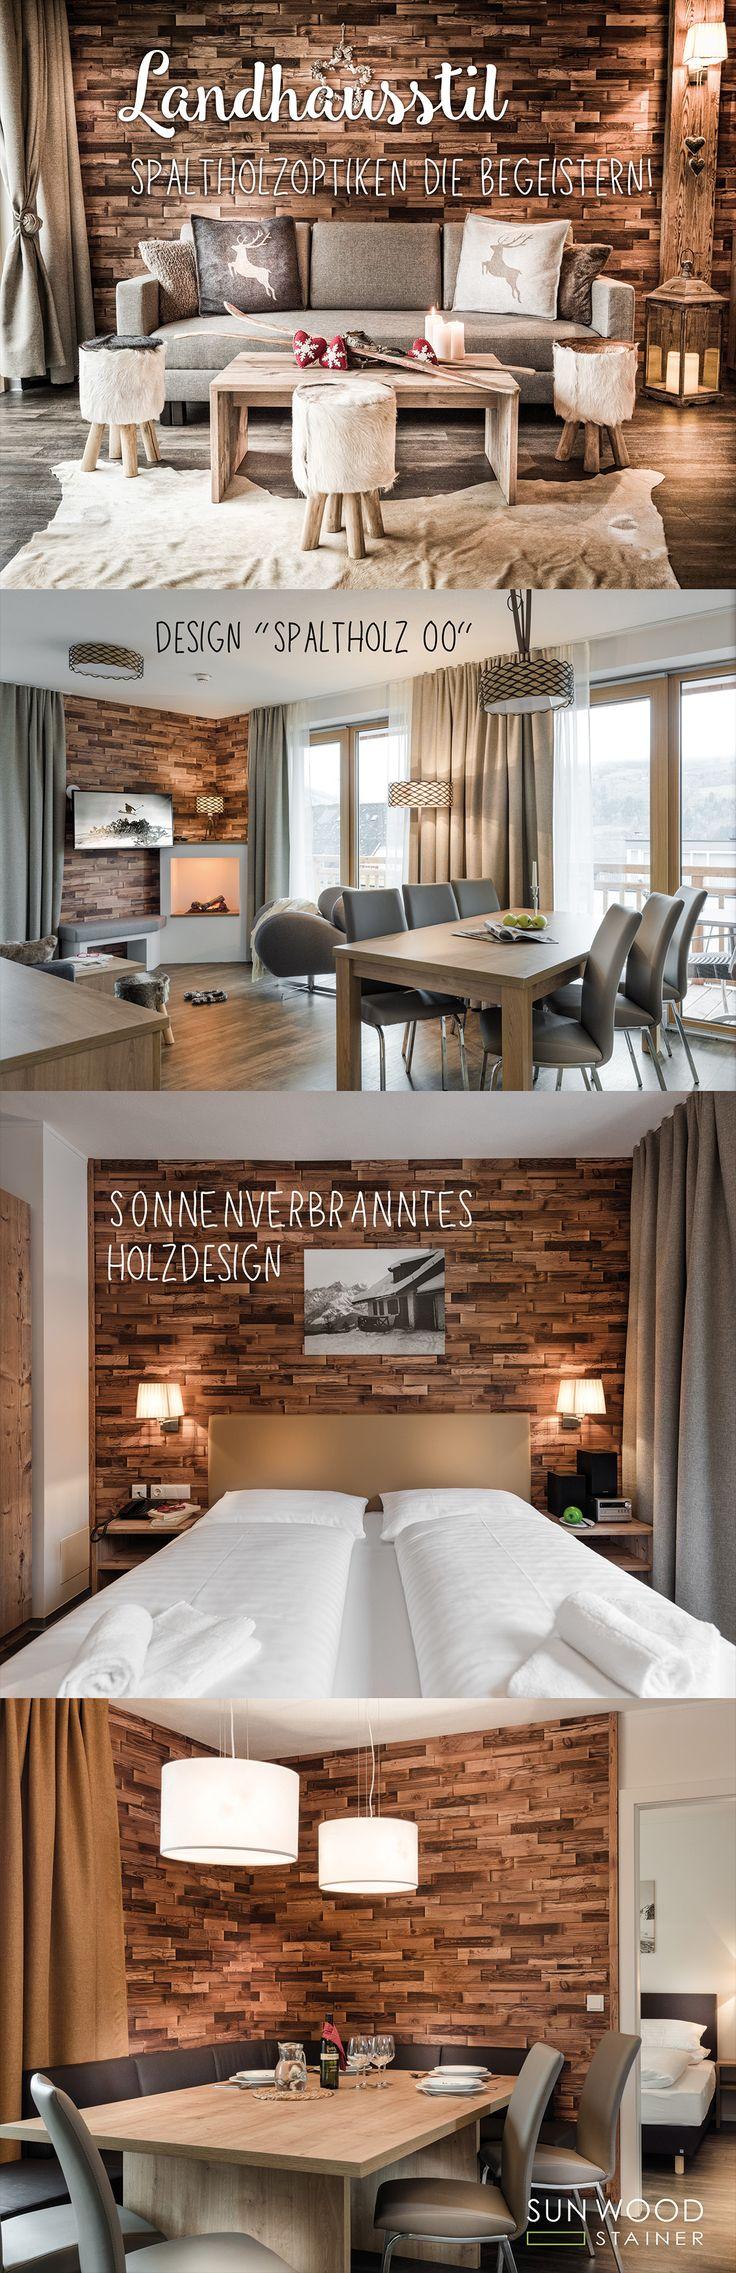 ... Massivholz, Holz Design, Interior, Interiordesign,  Inneneinrichtugsideen, Inneneinrichtung, Einrichtung, Wohnzimmerideen,  Schlafzimmerideen, Hotellerie, ...